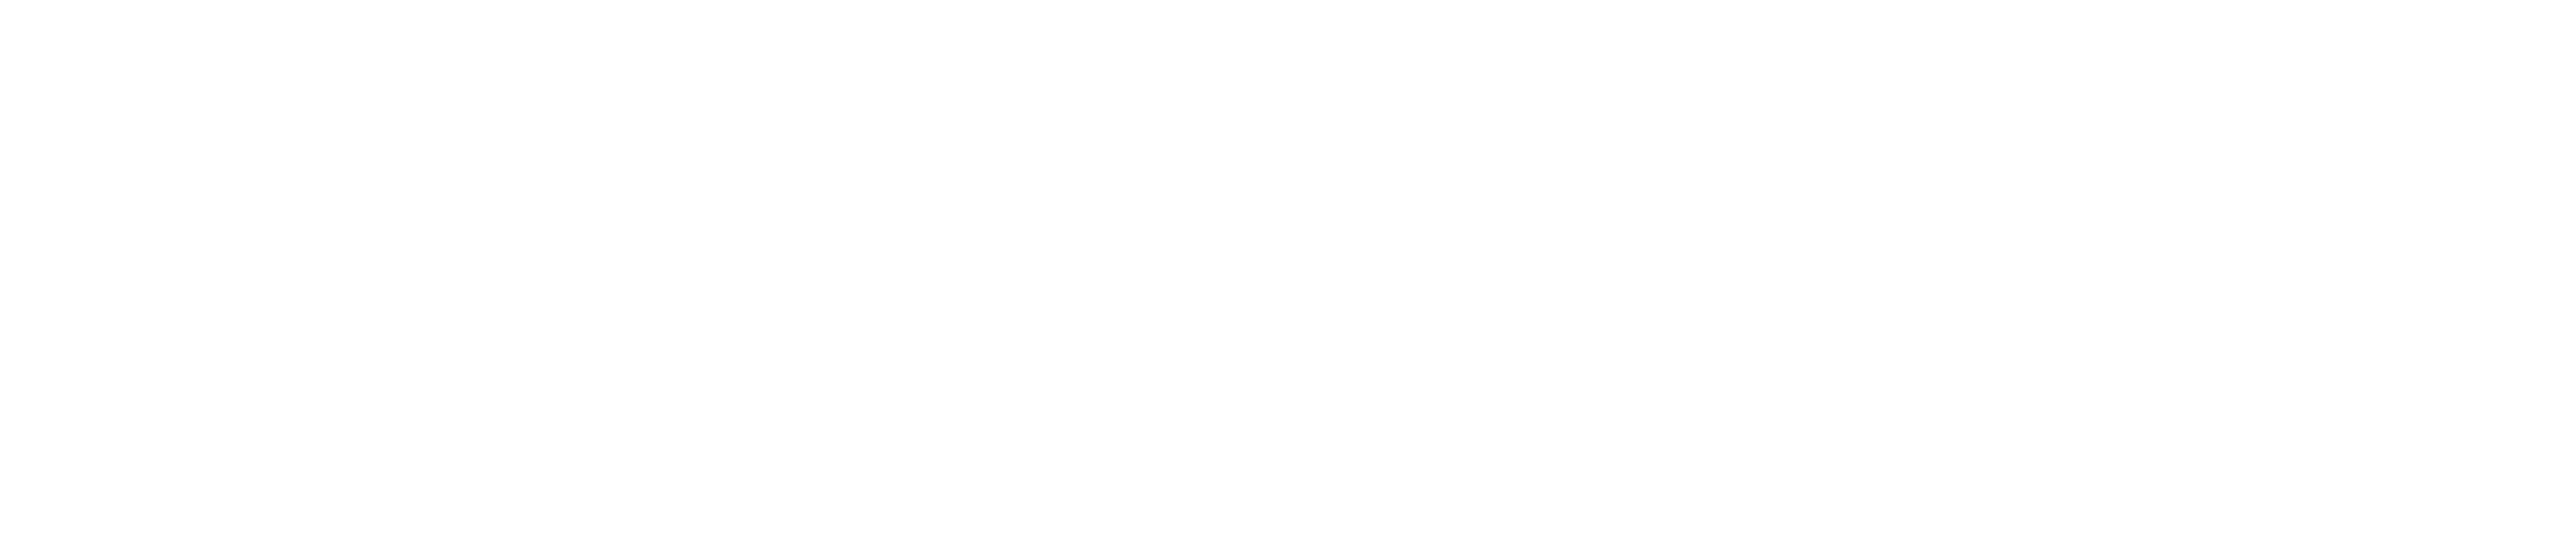 asus logo white